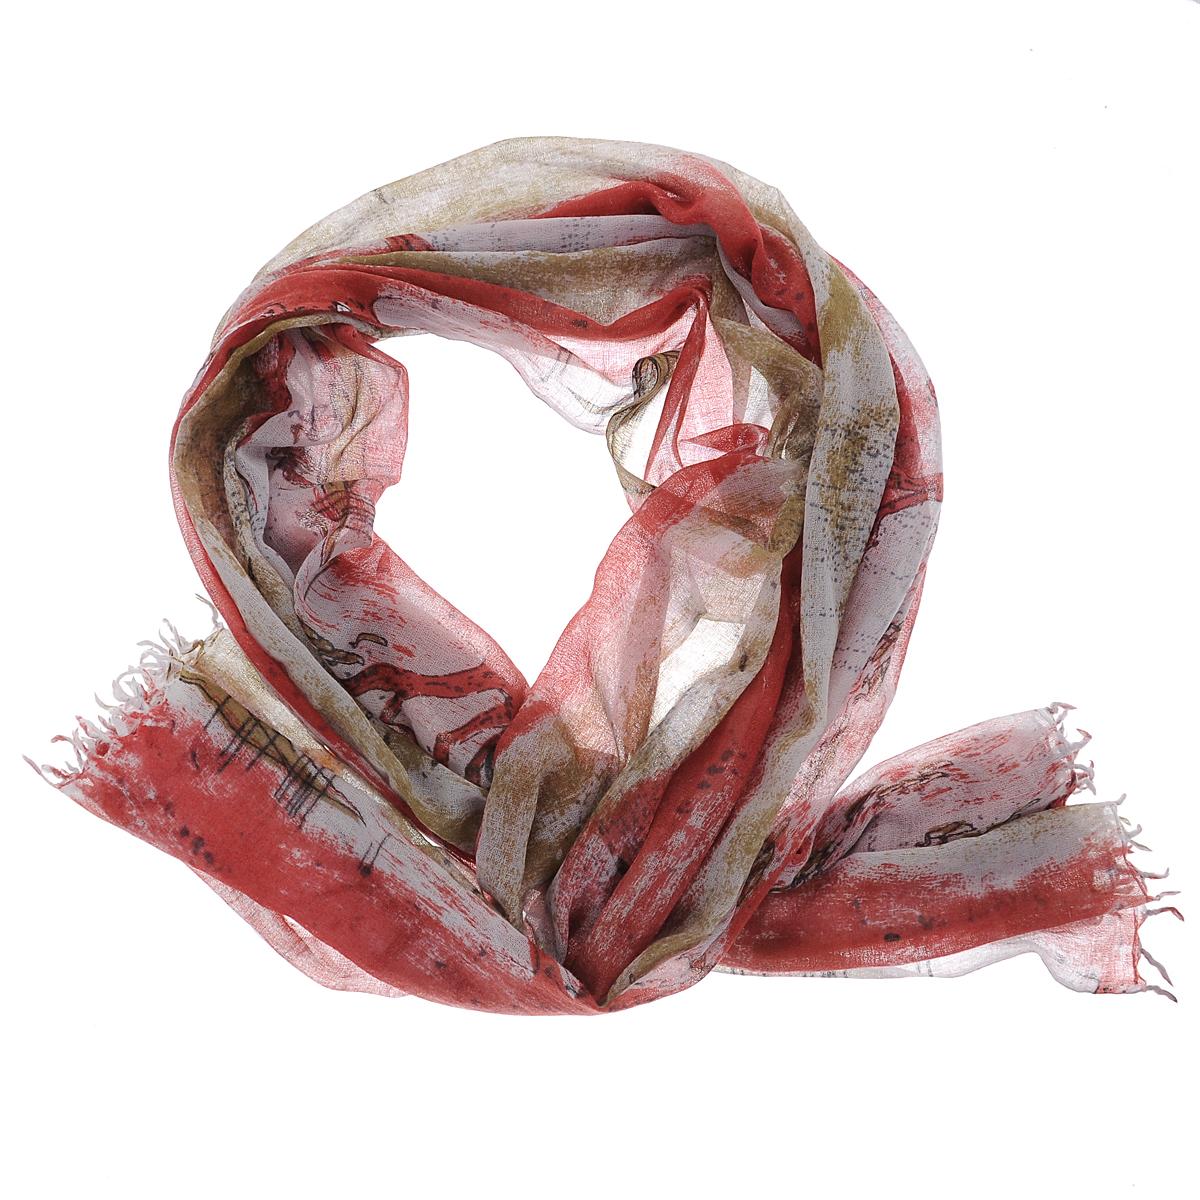 Палантин Michel Katana, цвет: серый, бордовый. W-BIRDONRIVER/RED. Размер 100 см x 200 смW-BIRDONRIVER/REDСтильный палантин Michel Katana согреет в холодное время года, а также станет изысканным аксессуаром, который призван подчеркнуть вашу индивидуальность и стиль. Палантин выполнен из шерсти и декорирован орнаментом. По краям изделие оформлено кисточками.